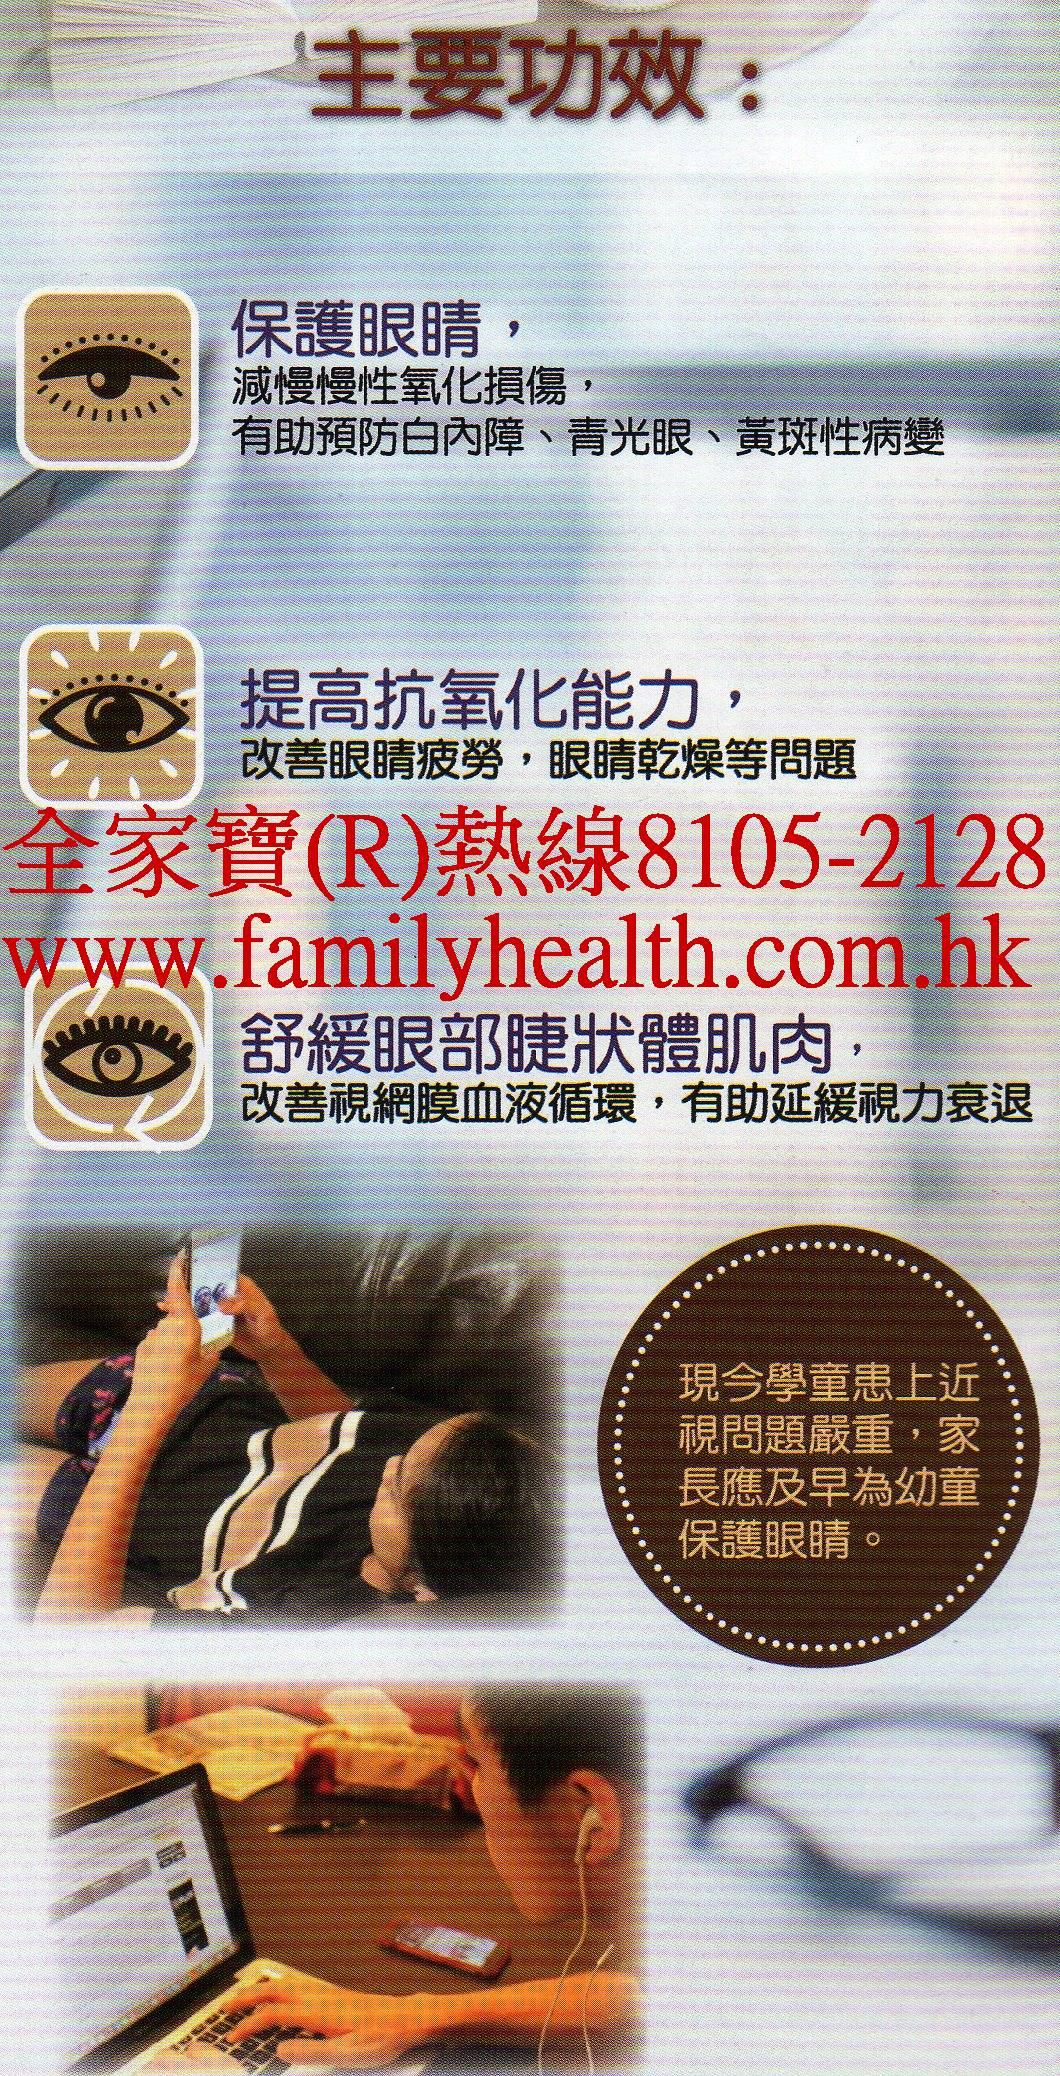 http://www.familyhealth.com.hk/files/full/1031_1.jpg